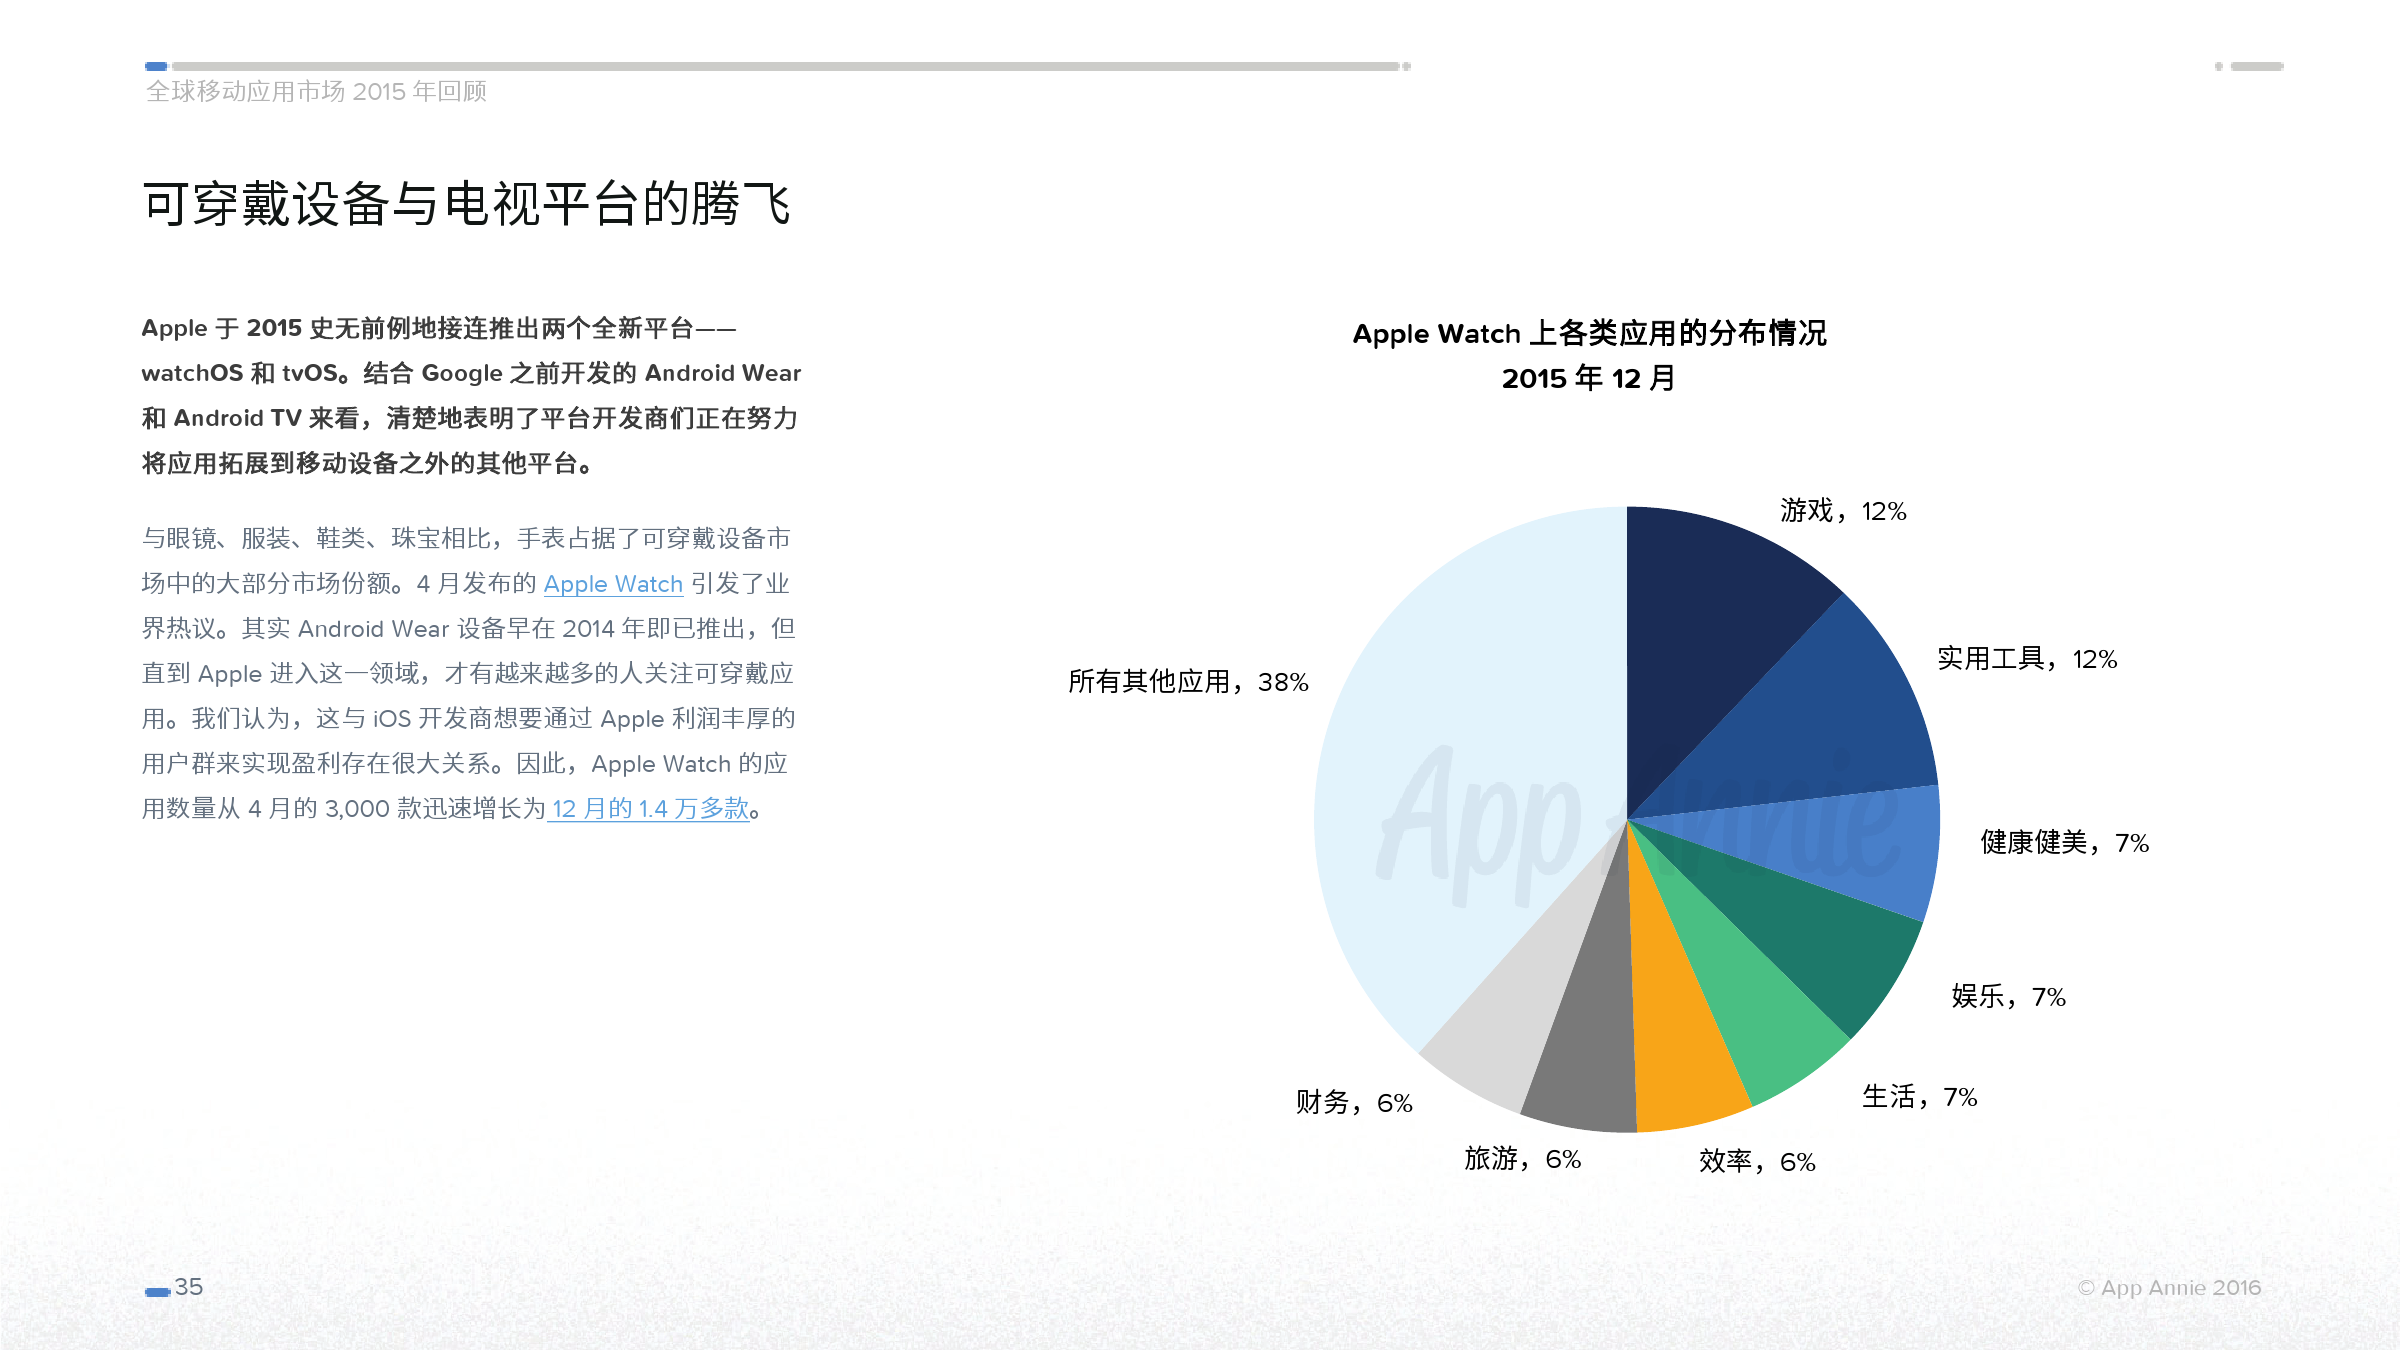 App Annie 全球移动应用市场 2015 年回顾_000035